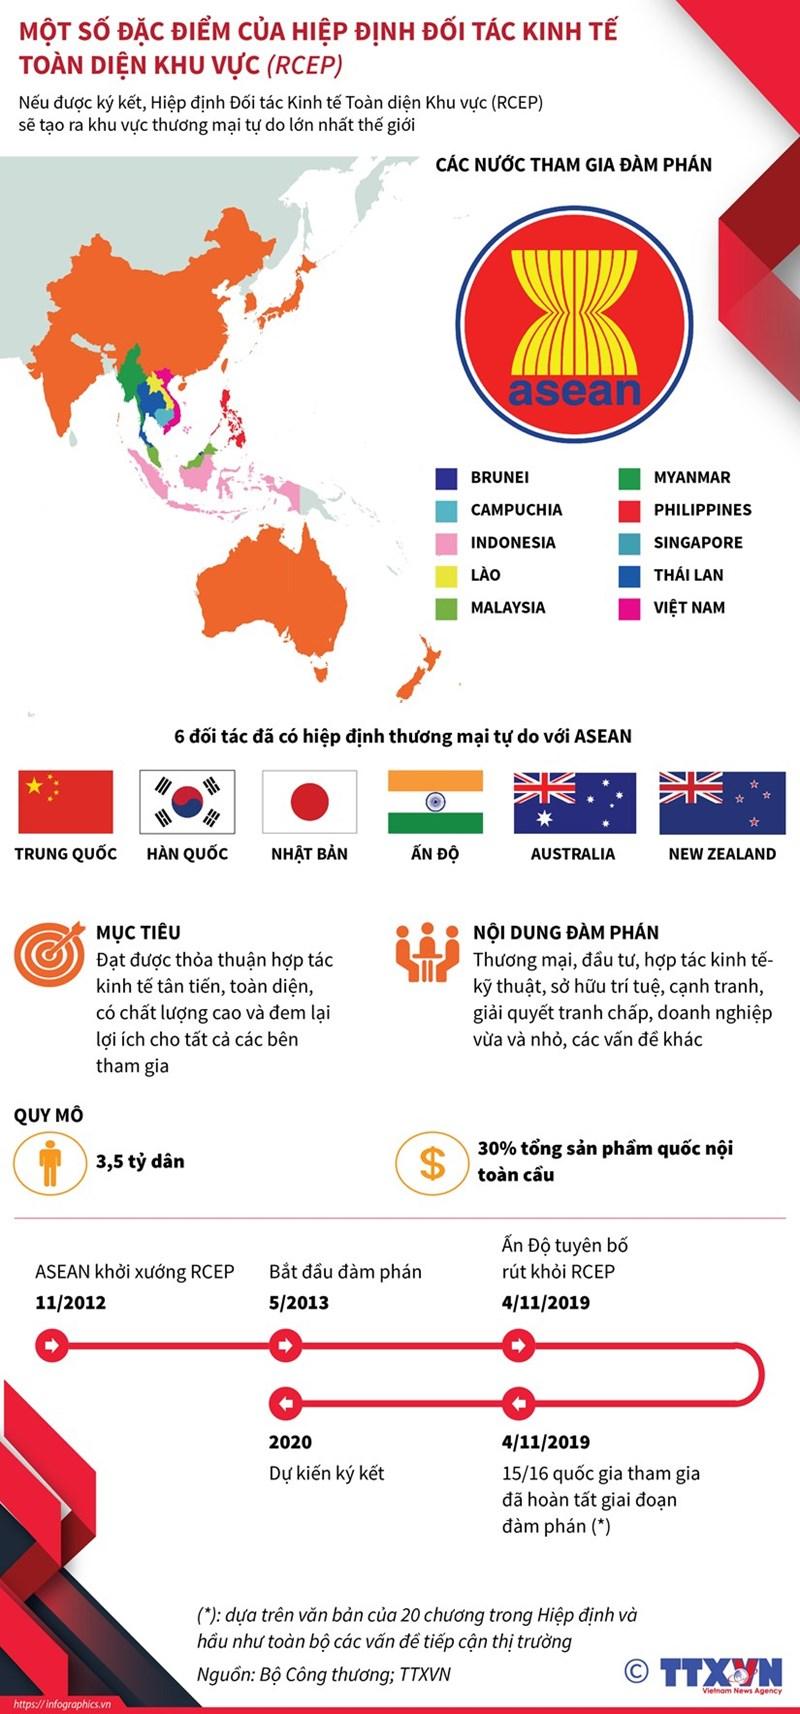 [Infographics] Đặc điểm Hiệp định đối tác kinh tế toàn diện khu vực - Ảnh 1